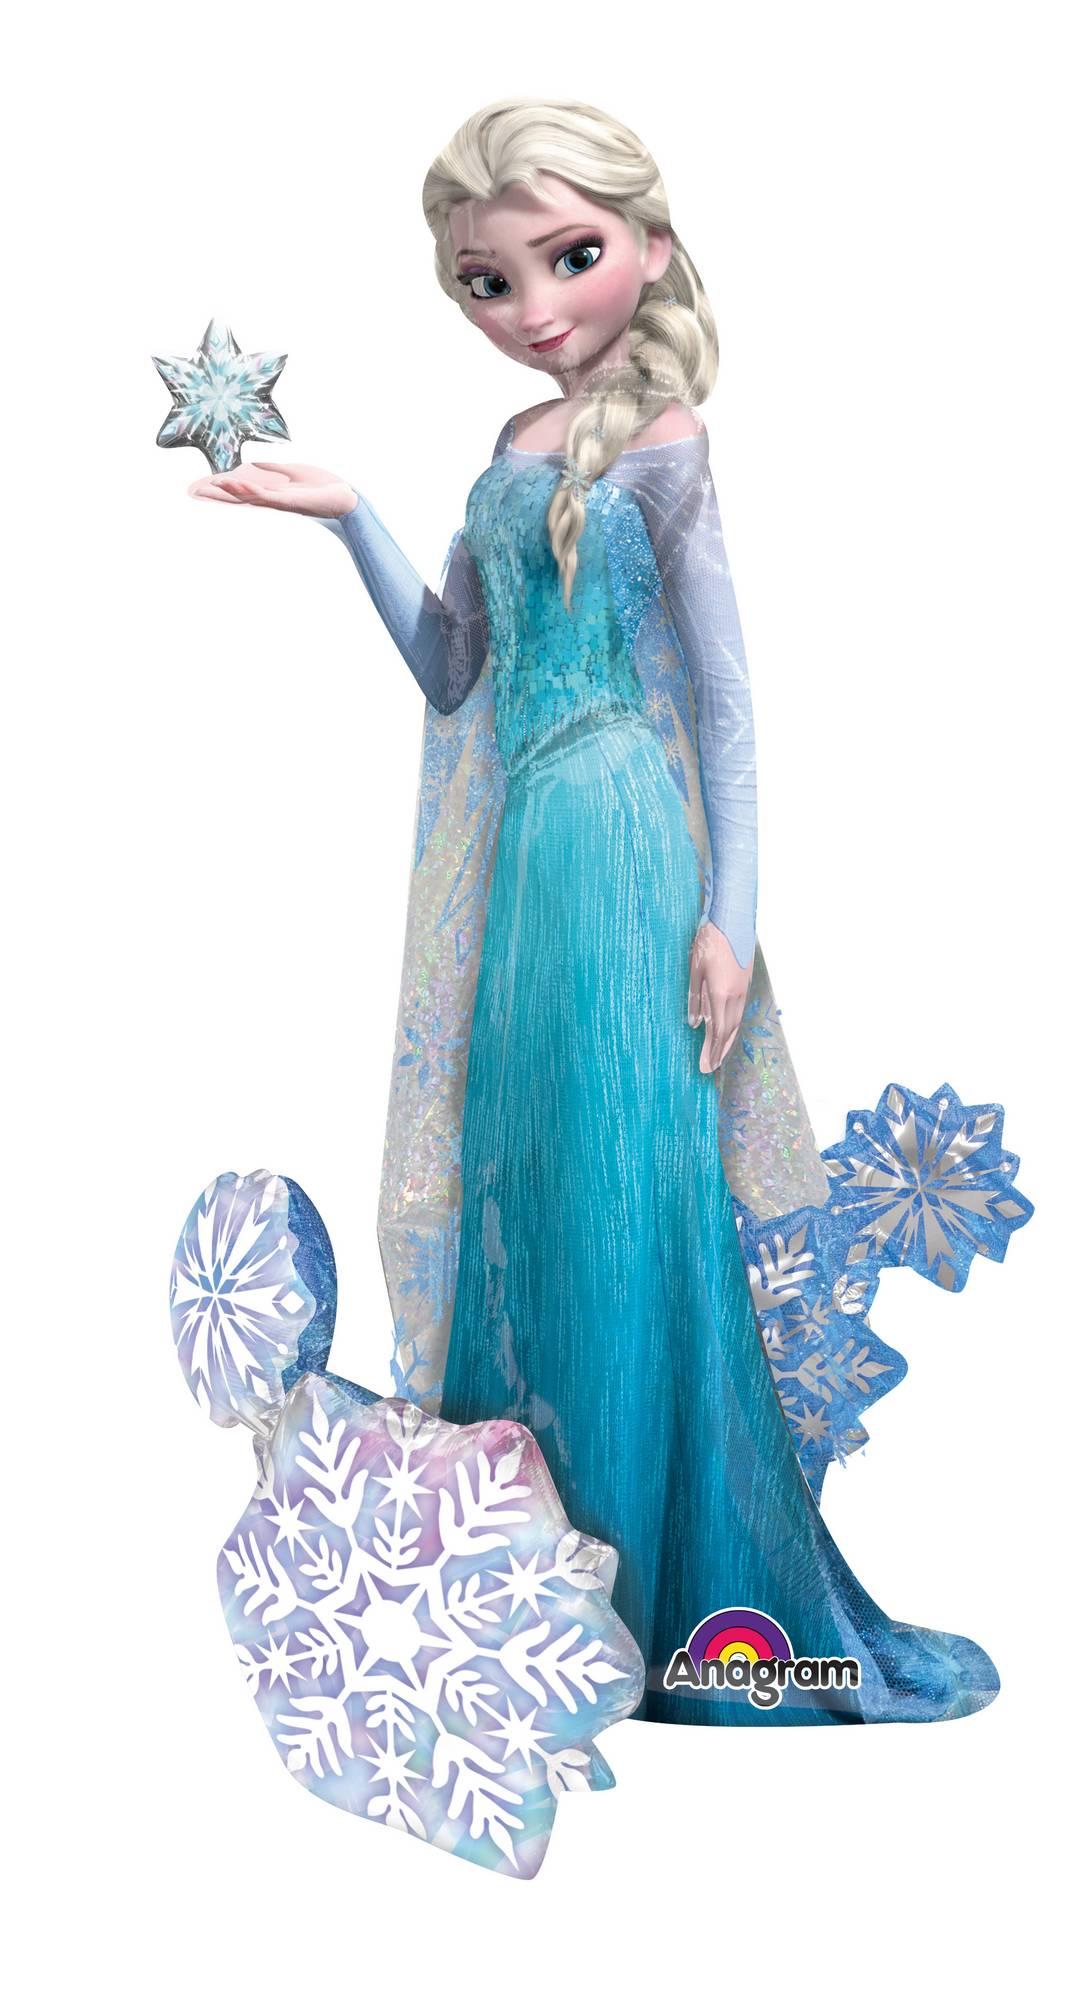 Ballon g ant elsa la reine des neiges vegaooparty d co anniversaire disney - Fauteuil la reine des neiges ...